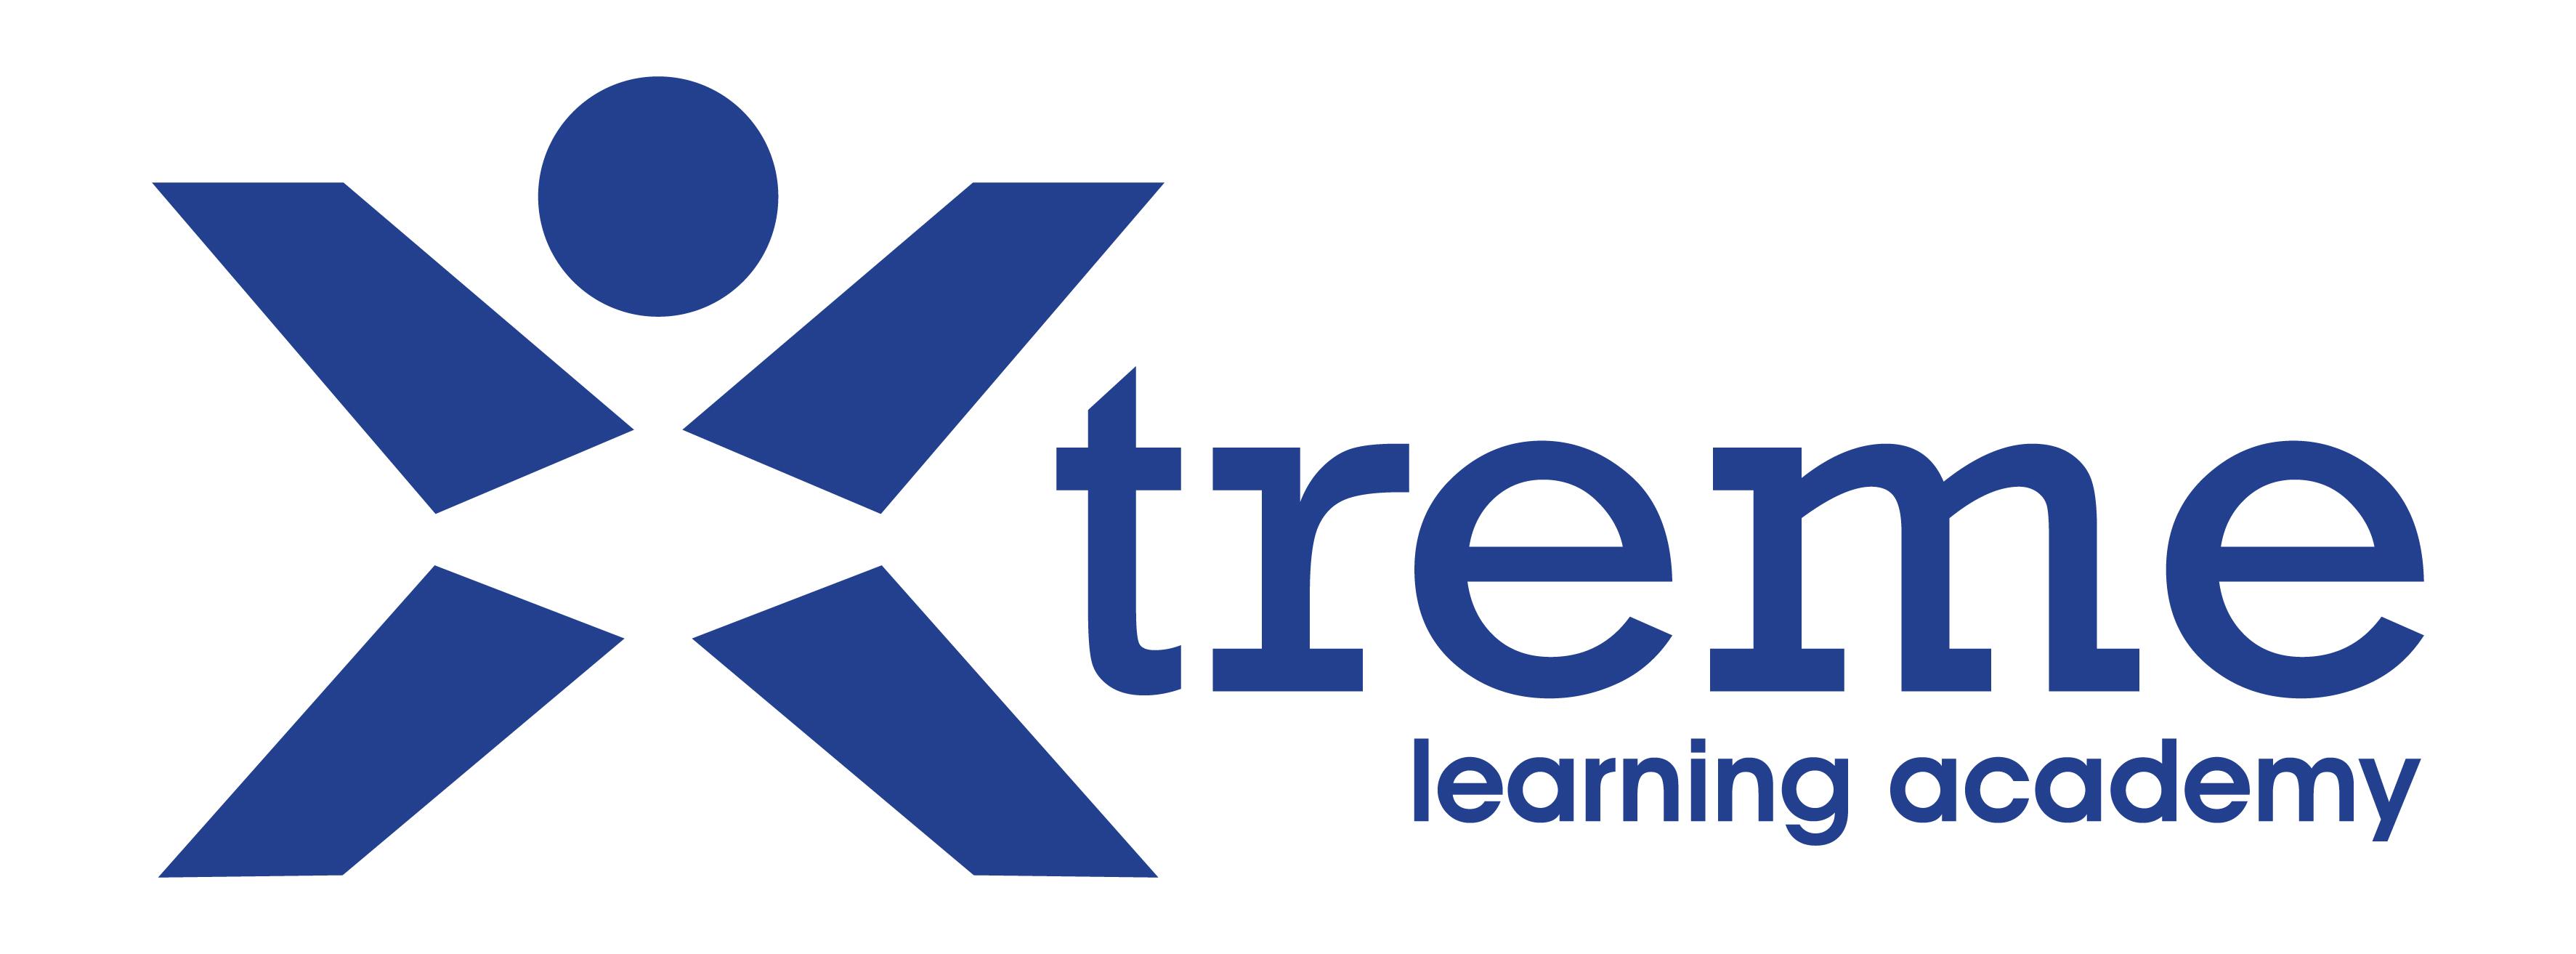 Xtreme Learning Academy Port Elizabeth